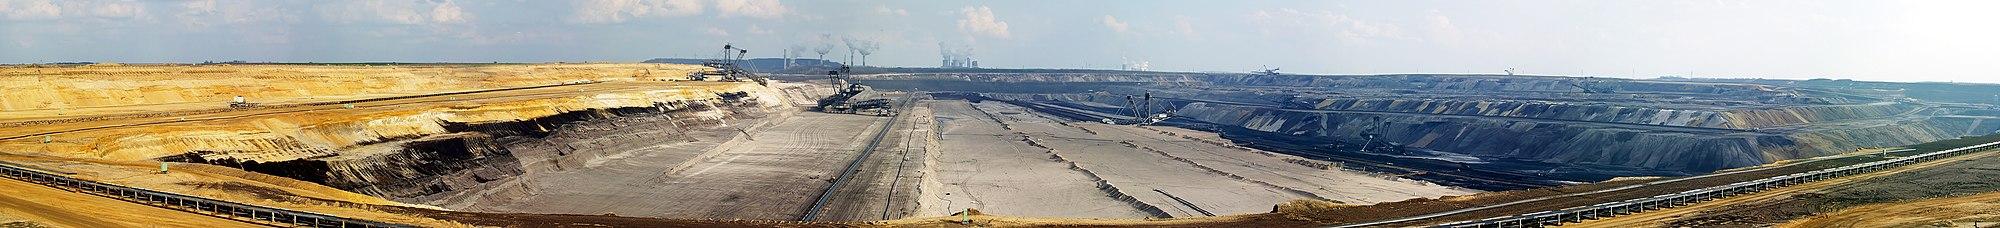 Panoramaaufnahme vom Tagebau Garzweiler mit diversen Baggern im Einsatz und den Kraftwerken in Grevenbroich-Frimmersdorf (links) und -Neurath sowie Bergheim-Niederaußem (rechts) im Hintergrund